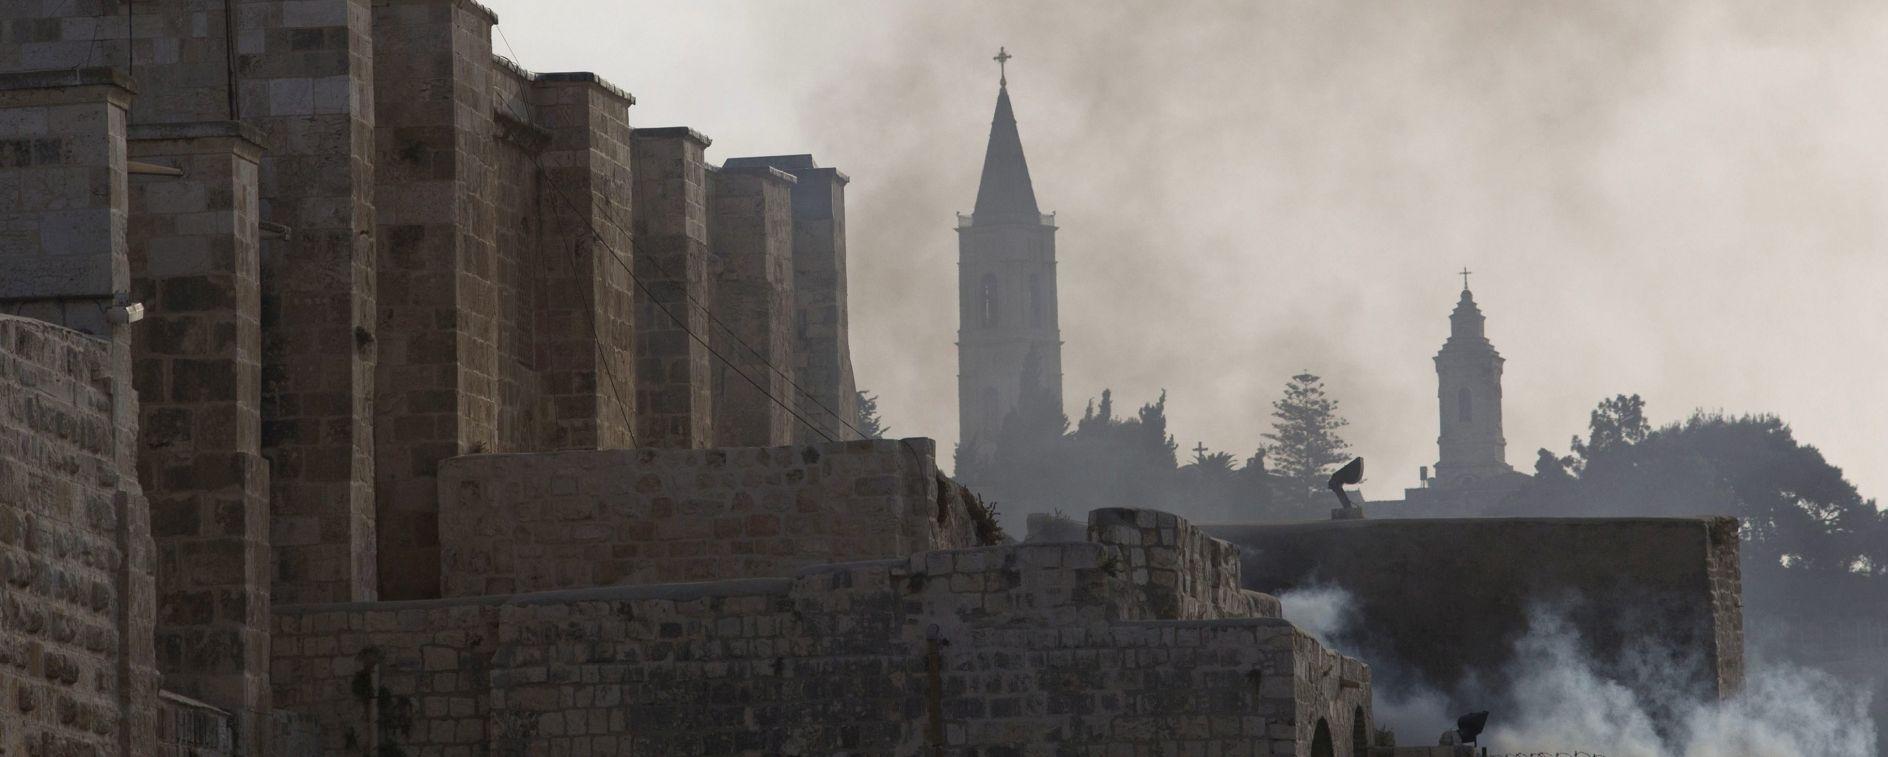 ŽIDOVSKA NOVA GODINA Jeruzalem: Sukob kod džamije al-Aqse